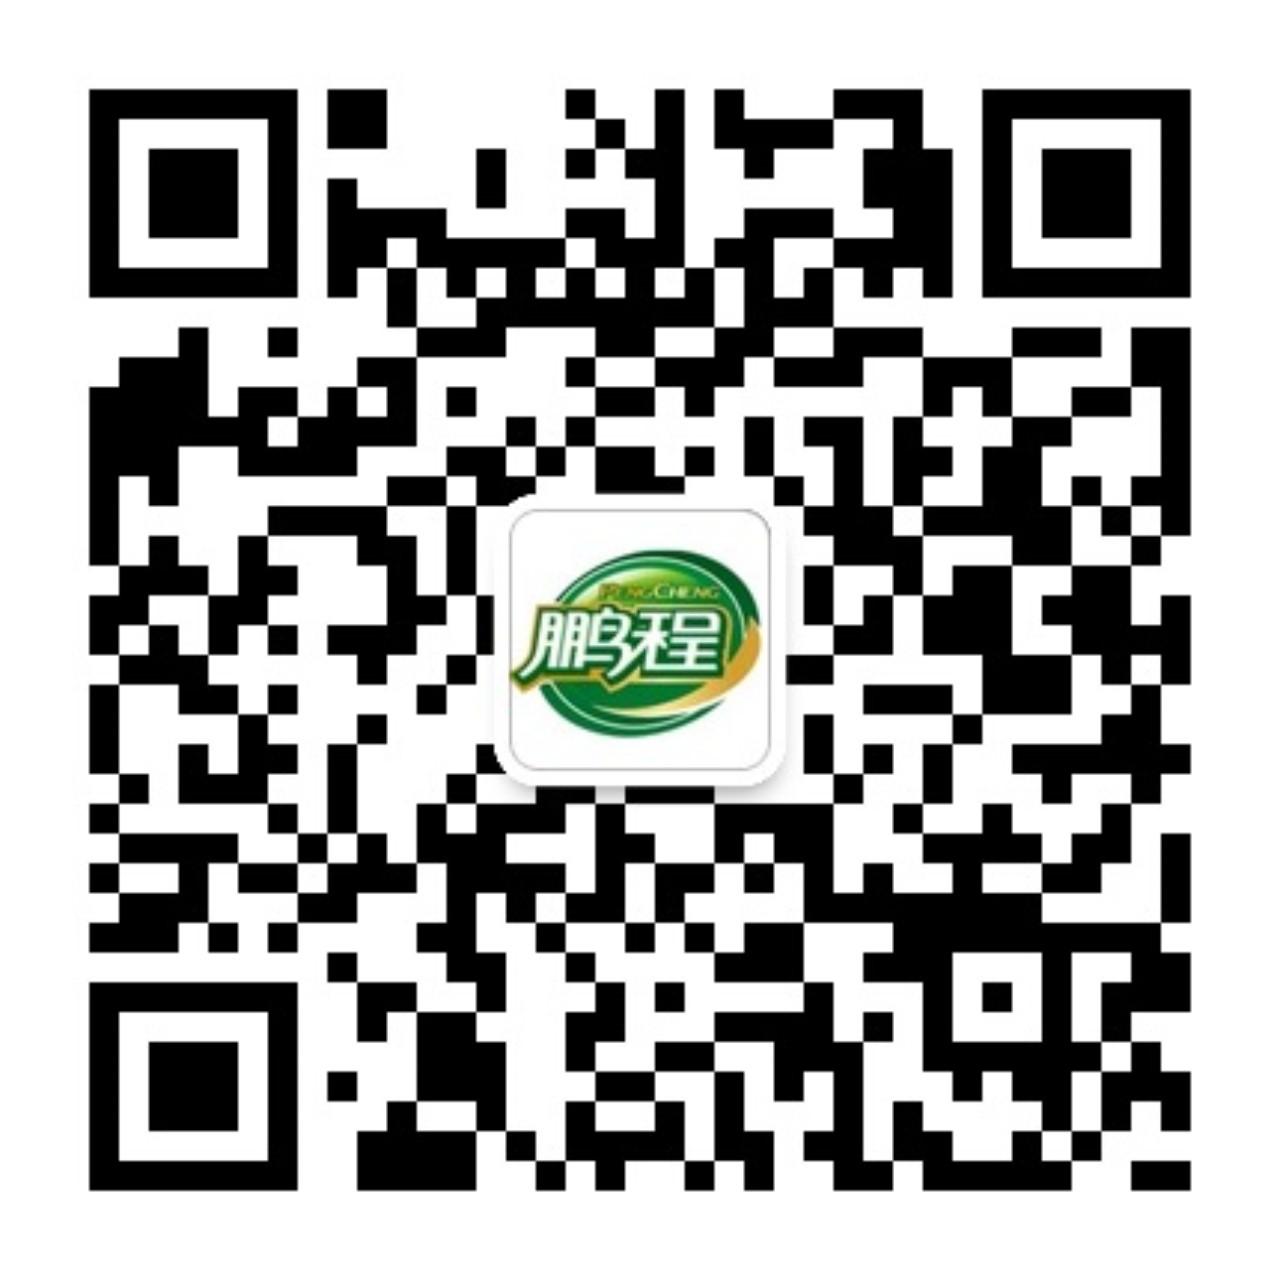 北京顺鑫农业股份有限公司鹏程食品分公司